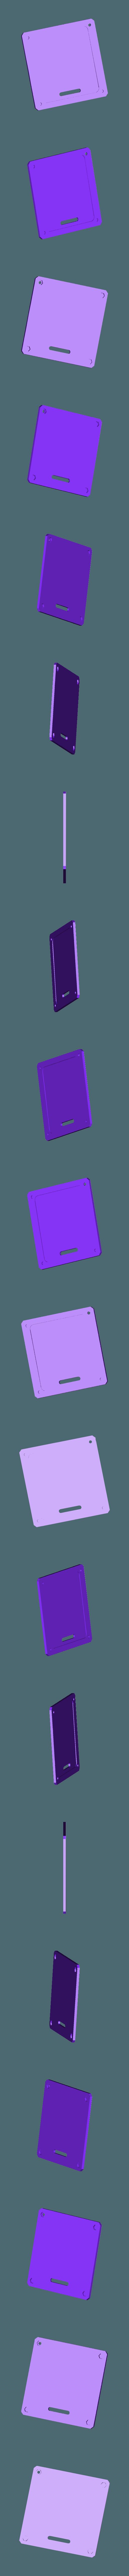 keypad-base.stl Télécharger fichier SCAD gratuit Couverture pour clavier à membrane 4x4 • Plan imprimable en 3D, t0b1